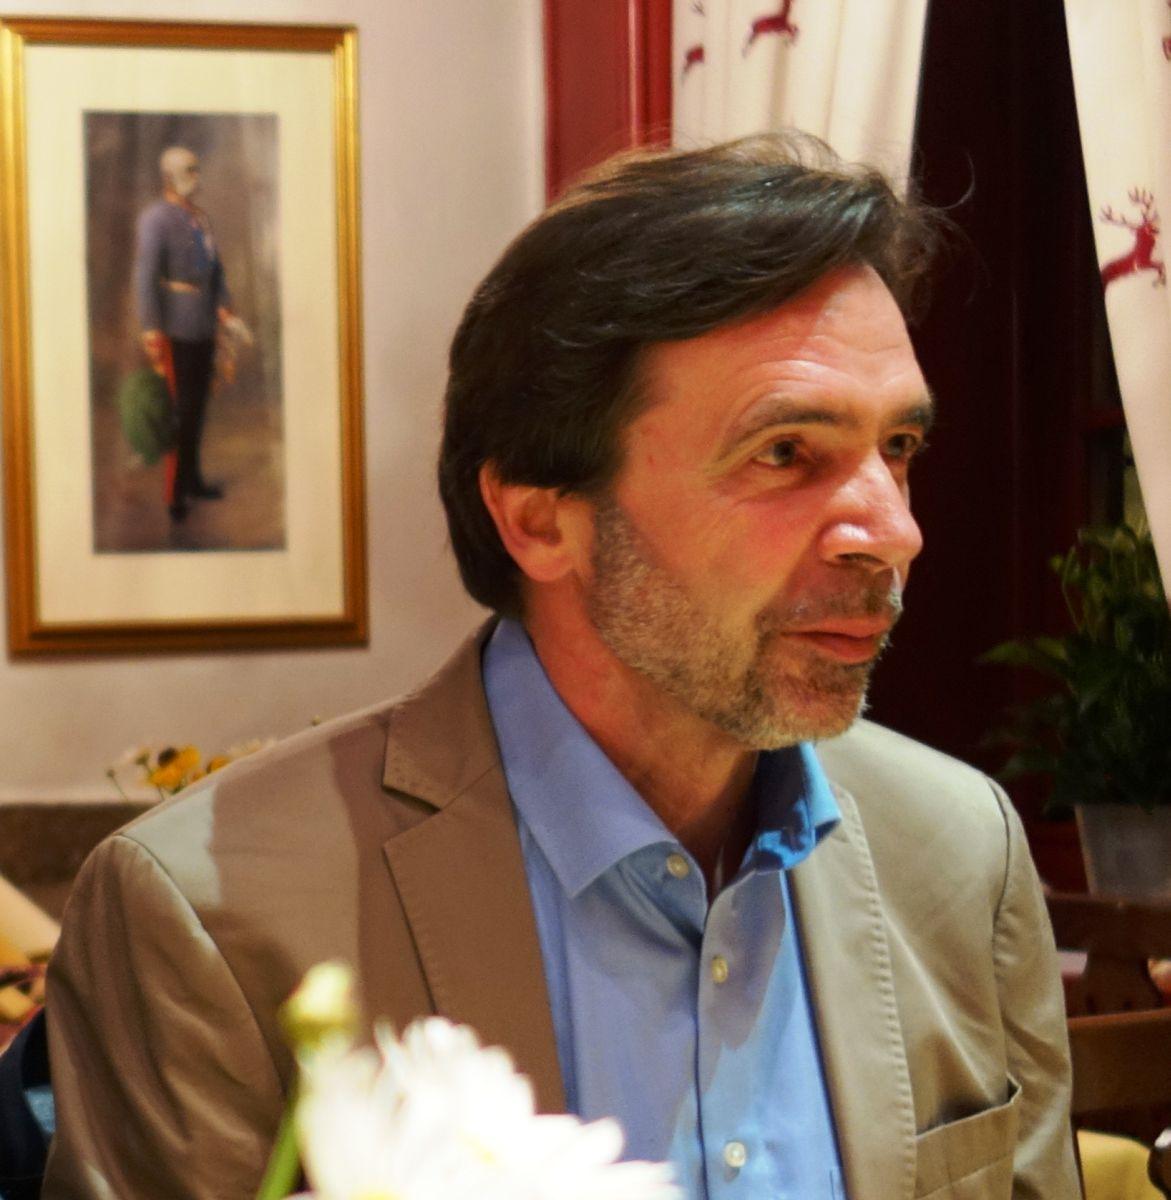 GEDICHT-Mitherausgeber Ulrich Johannes Beil, poetischer Weggefährte von Anton G. Leitner seit der gemeinsamen Schulzeit am humanistischen Gymnasium. war zur Schnablgwax-Premiere aus Zürich angereist.